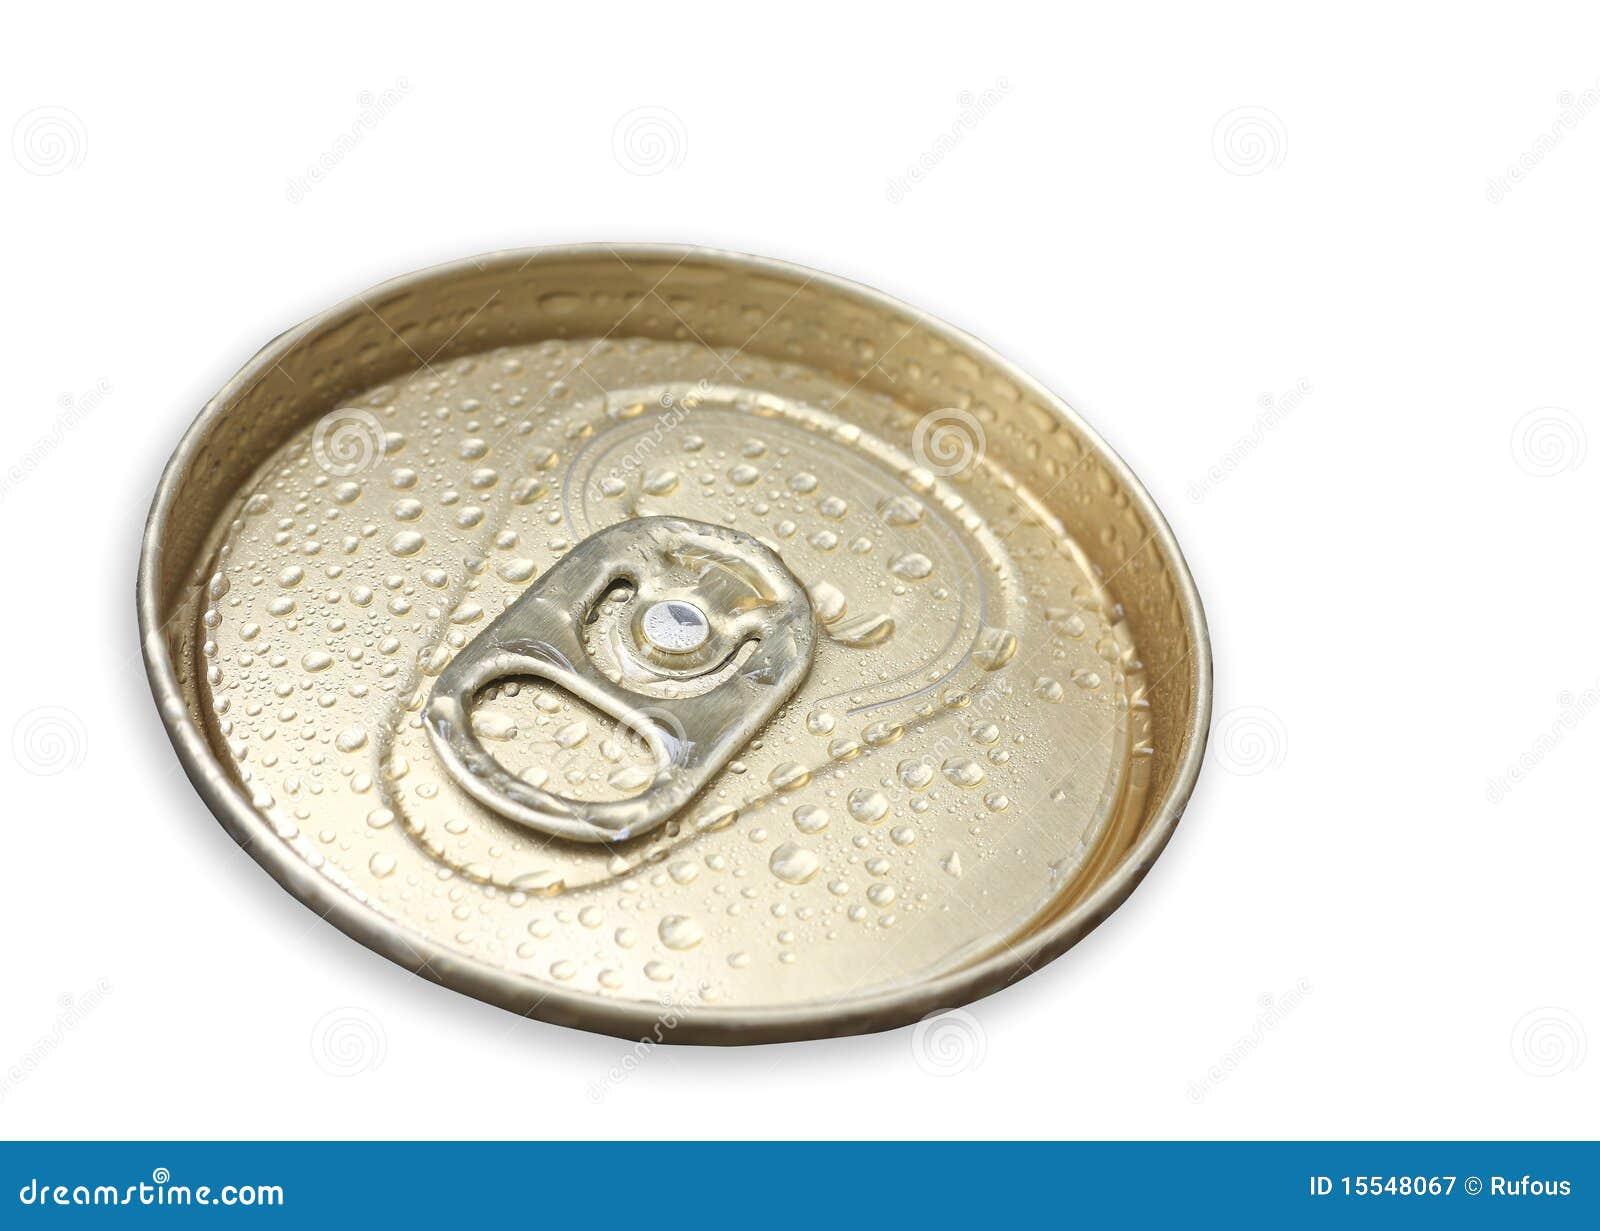 Το μακρο πλάνο της πολύ κρύας μπύρας μπορεί να χτυπήσει το τράβηγμα